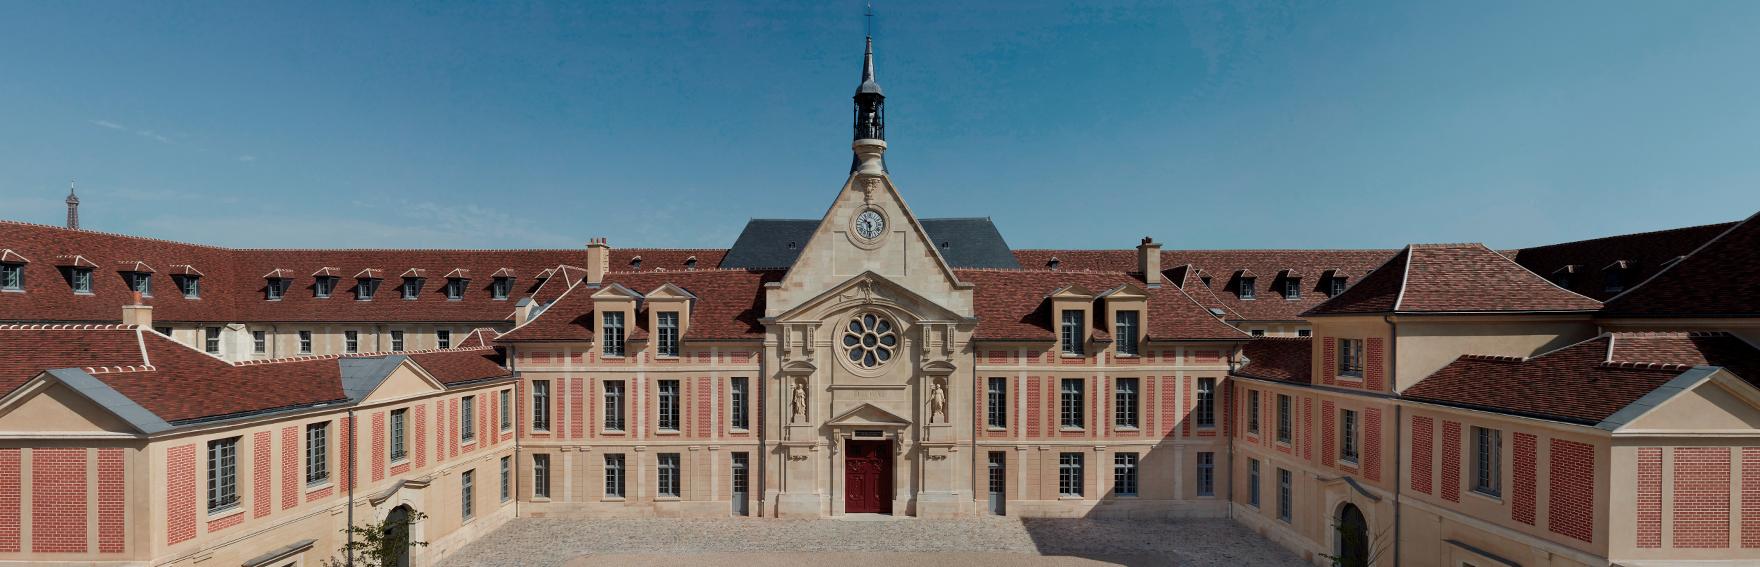 建築 40 rue de Sèvres